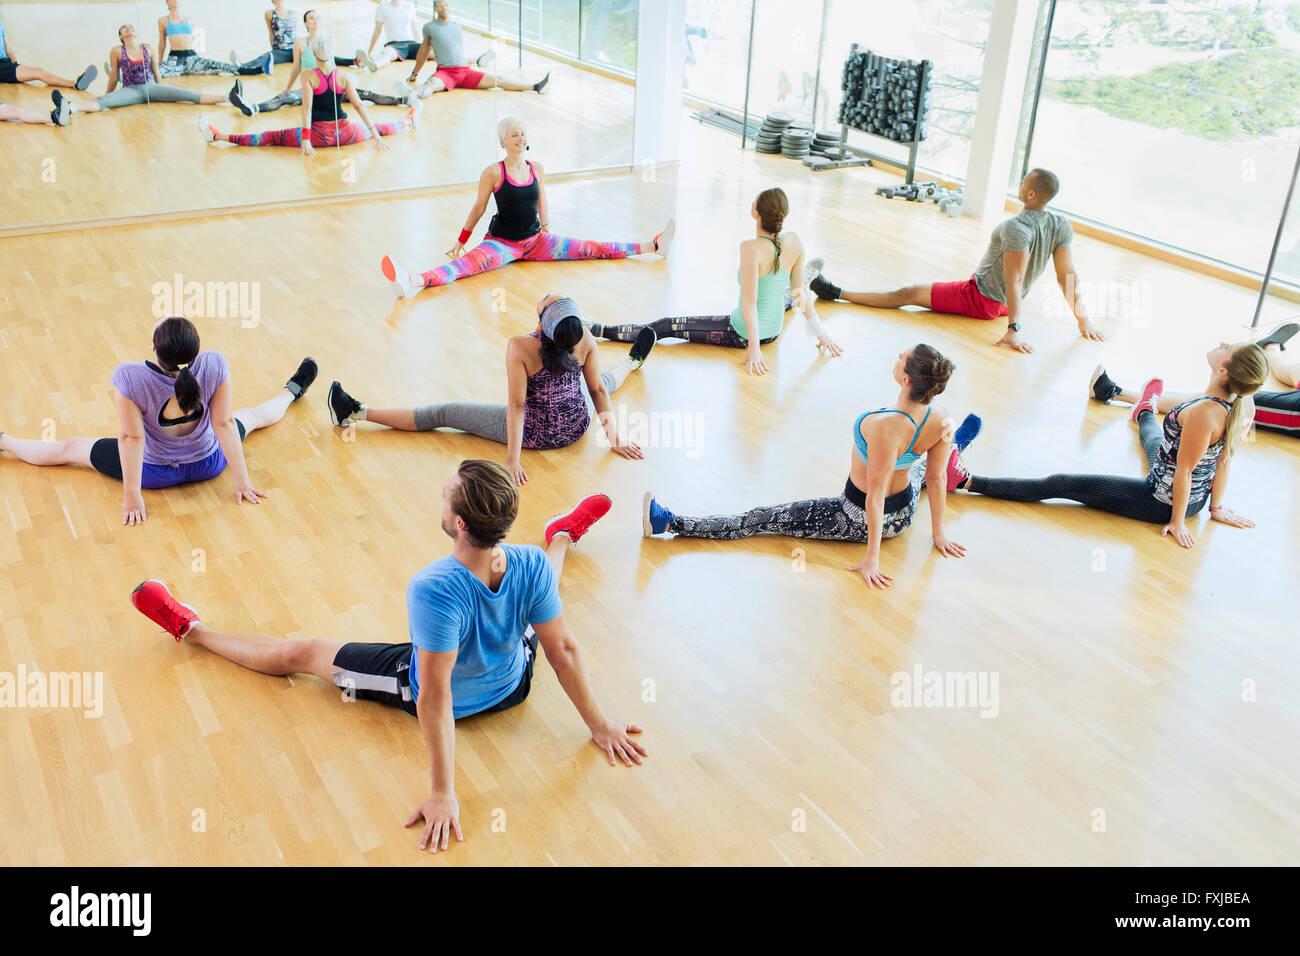 High angle view classe d'exercice qui s'étend avec les jambes à gym Photo Stock